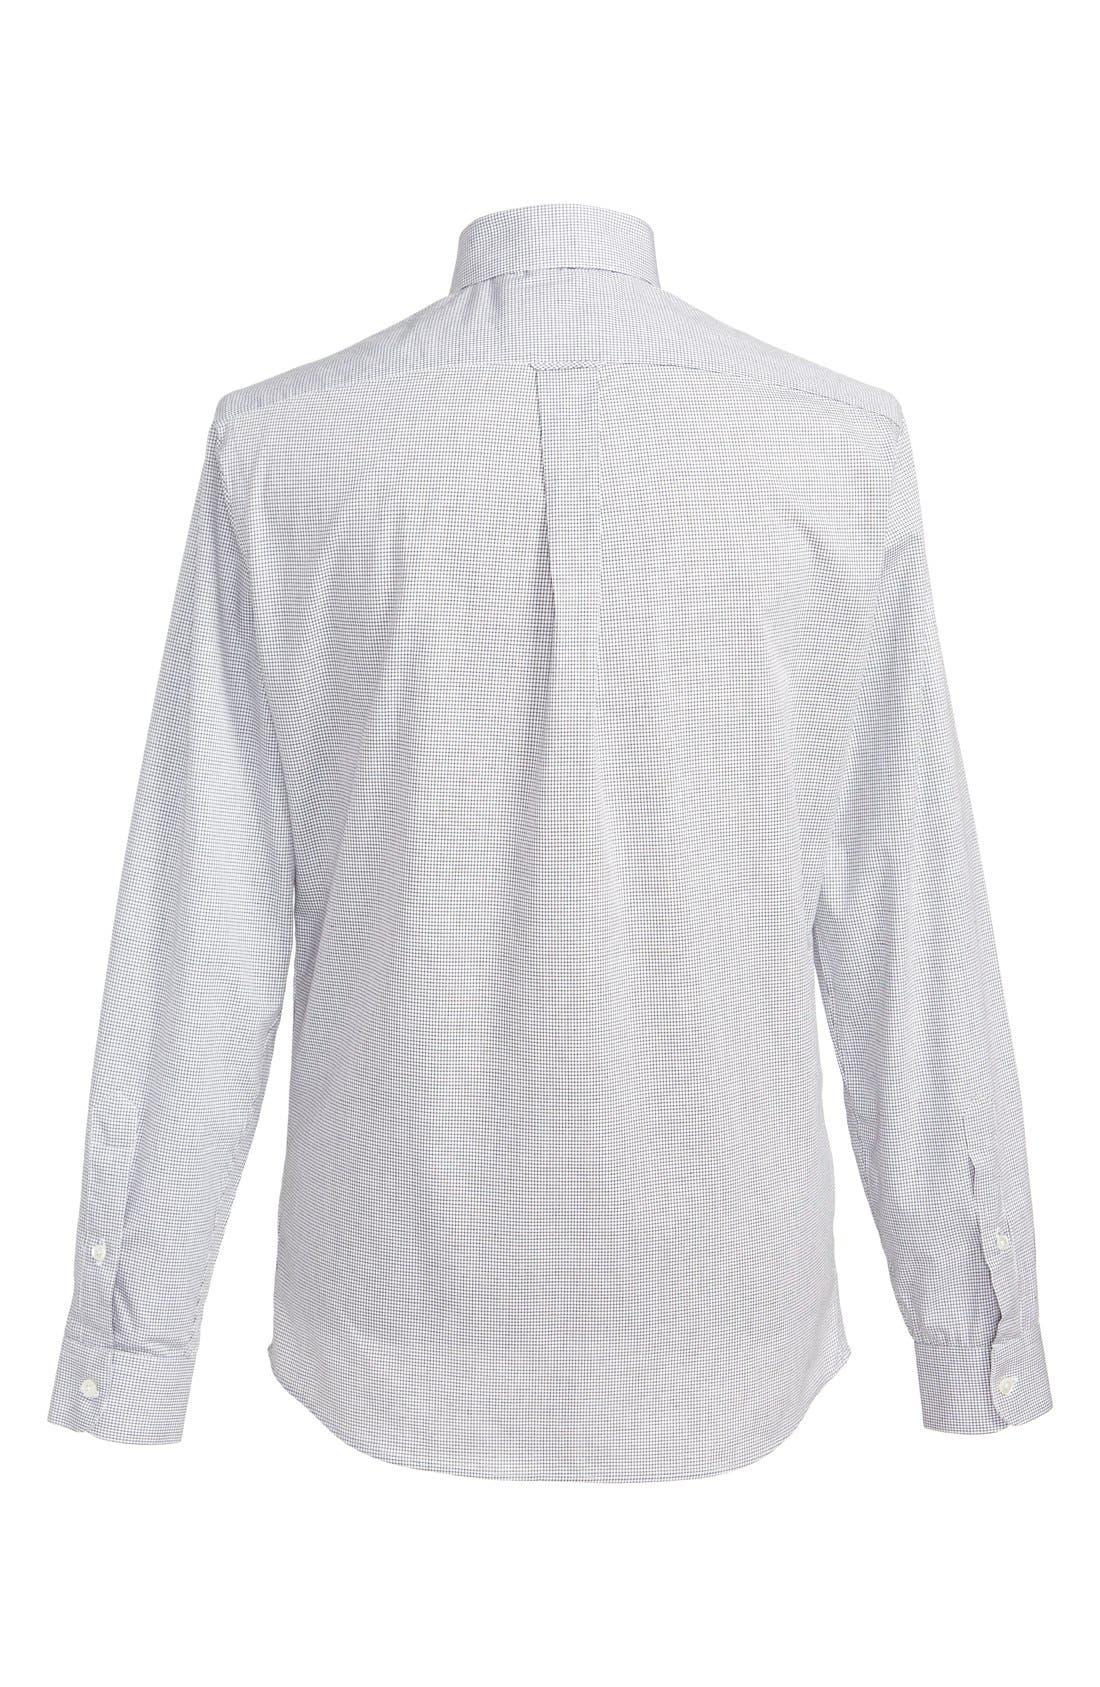 Alternate Image 3  - Patrik Ervell Mini Check Woven Shirt